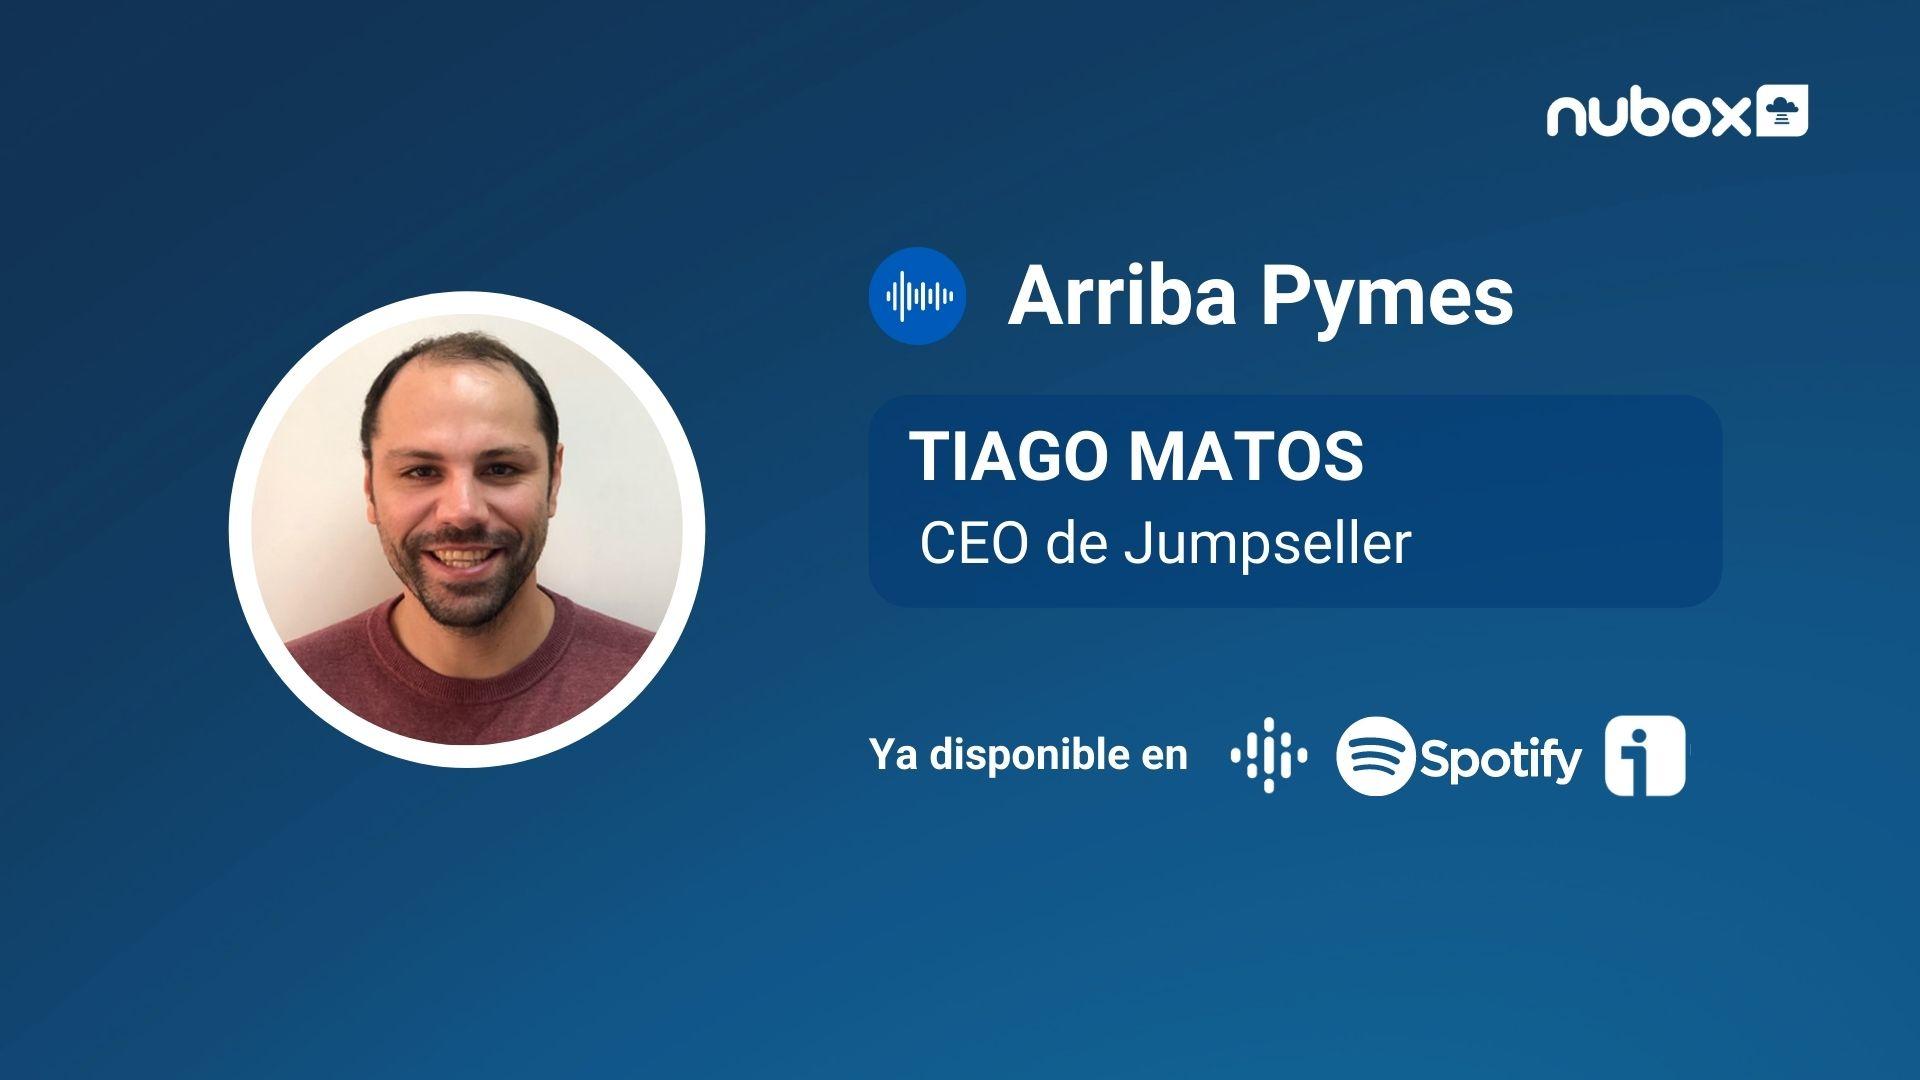 #Ep10 I Tiago Matos: Estamos viviendo un cyberday todos los días producto de la pandemia